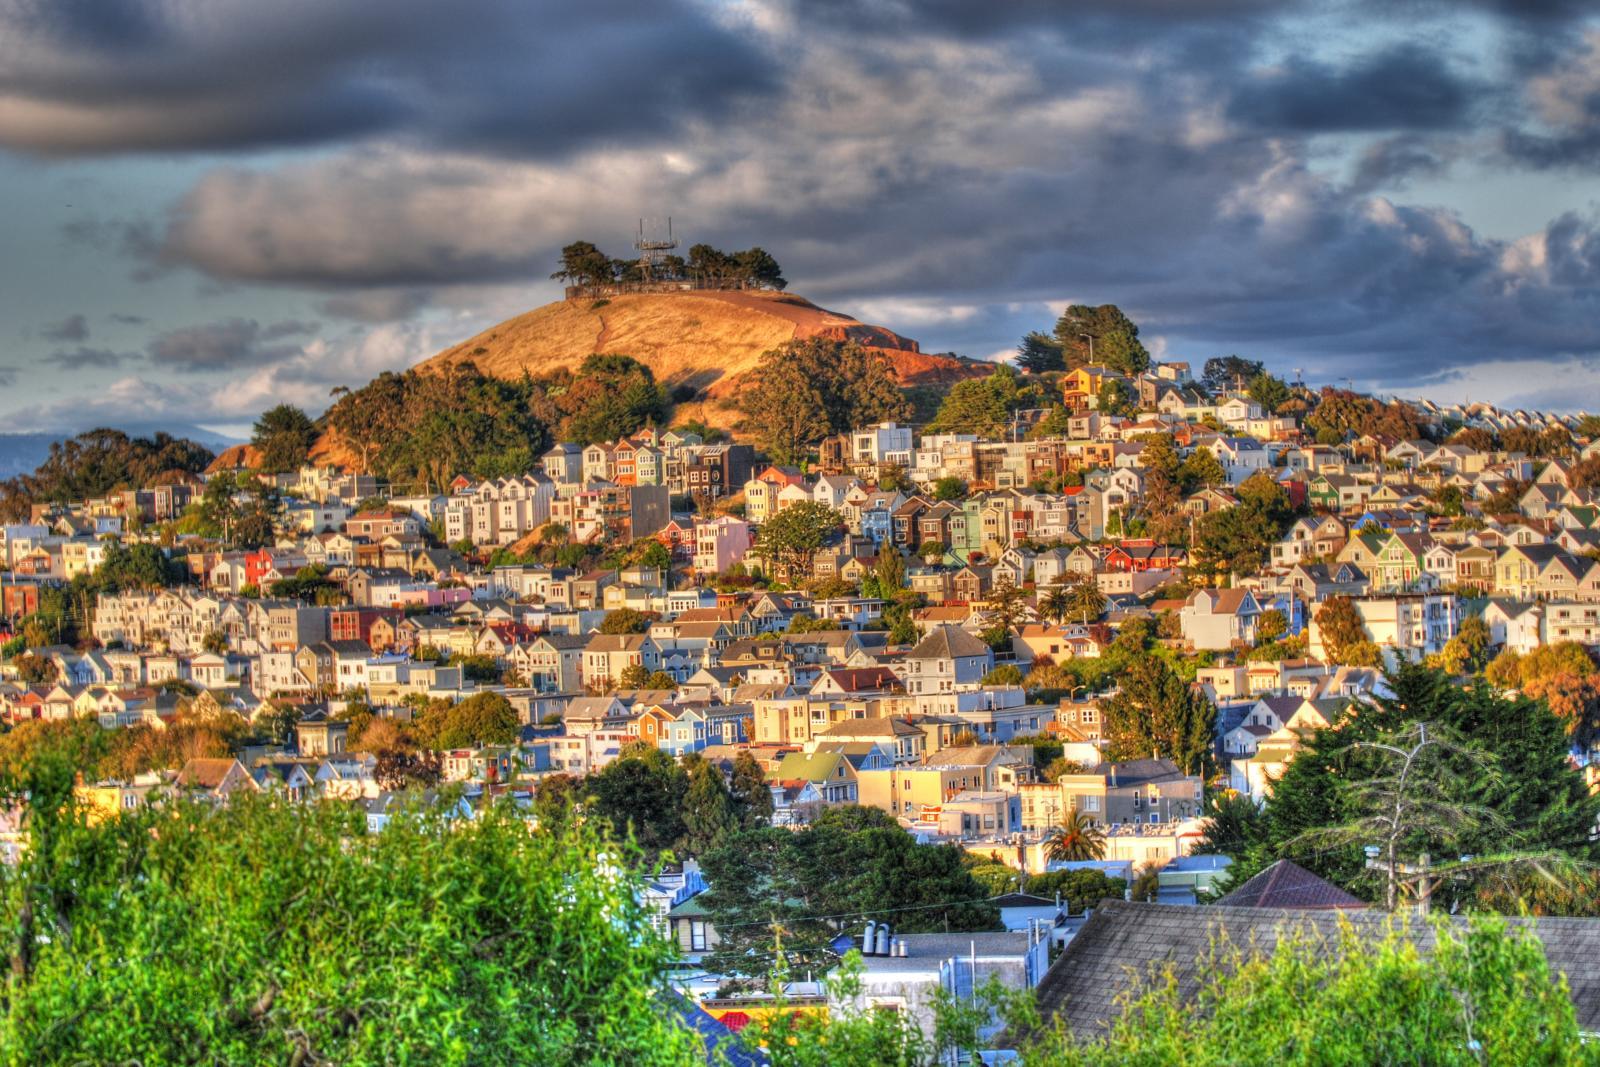 Bernal Hill after the rain